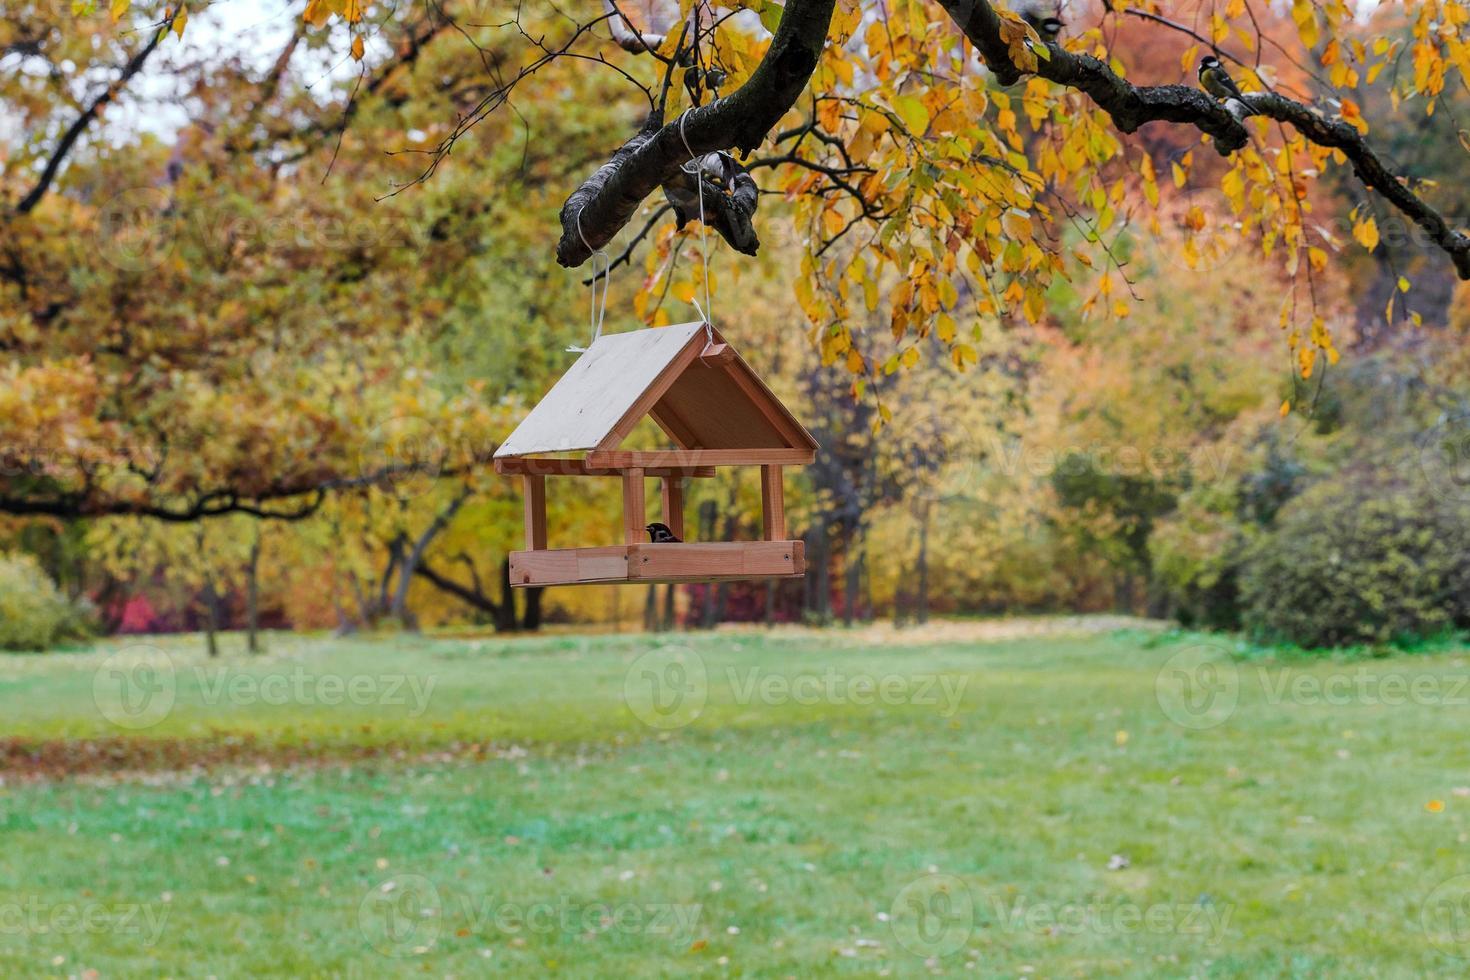 mangeoires pour oiseaux dans le parc d'automne. photo